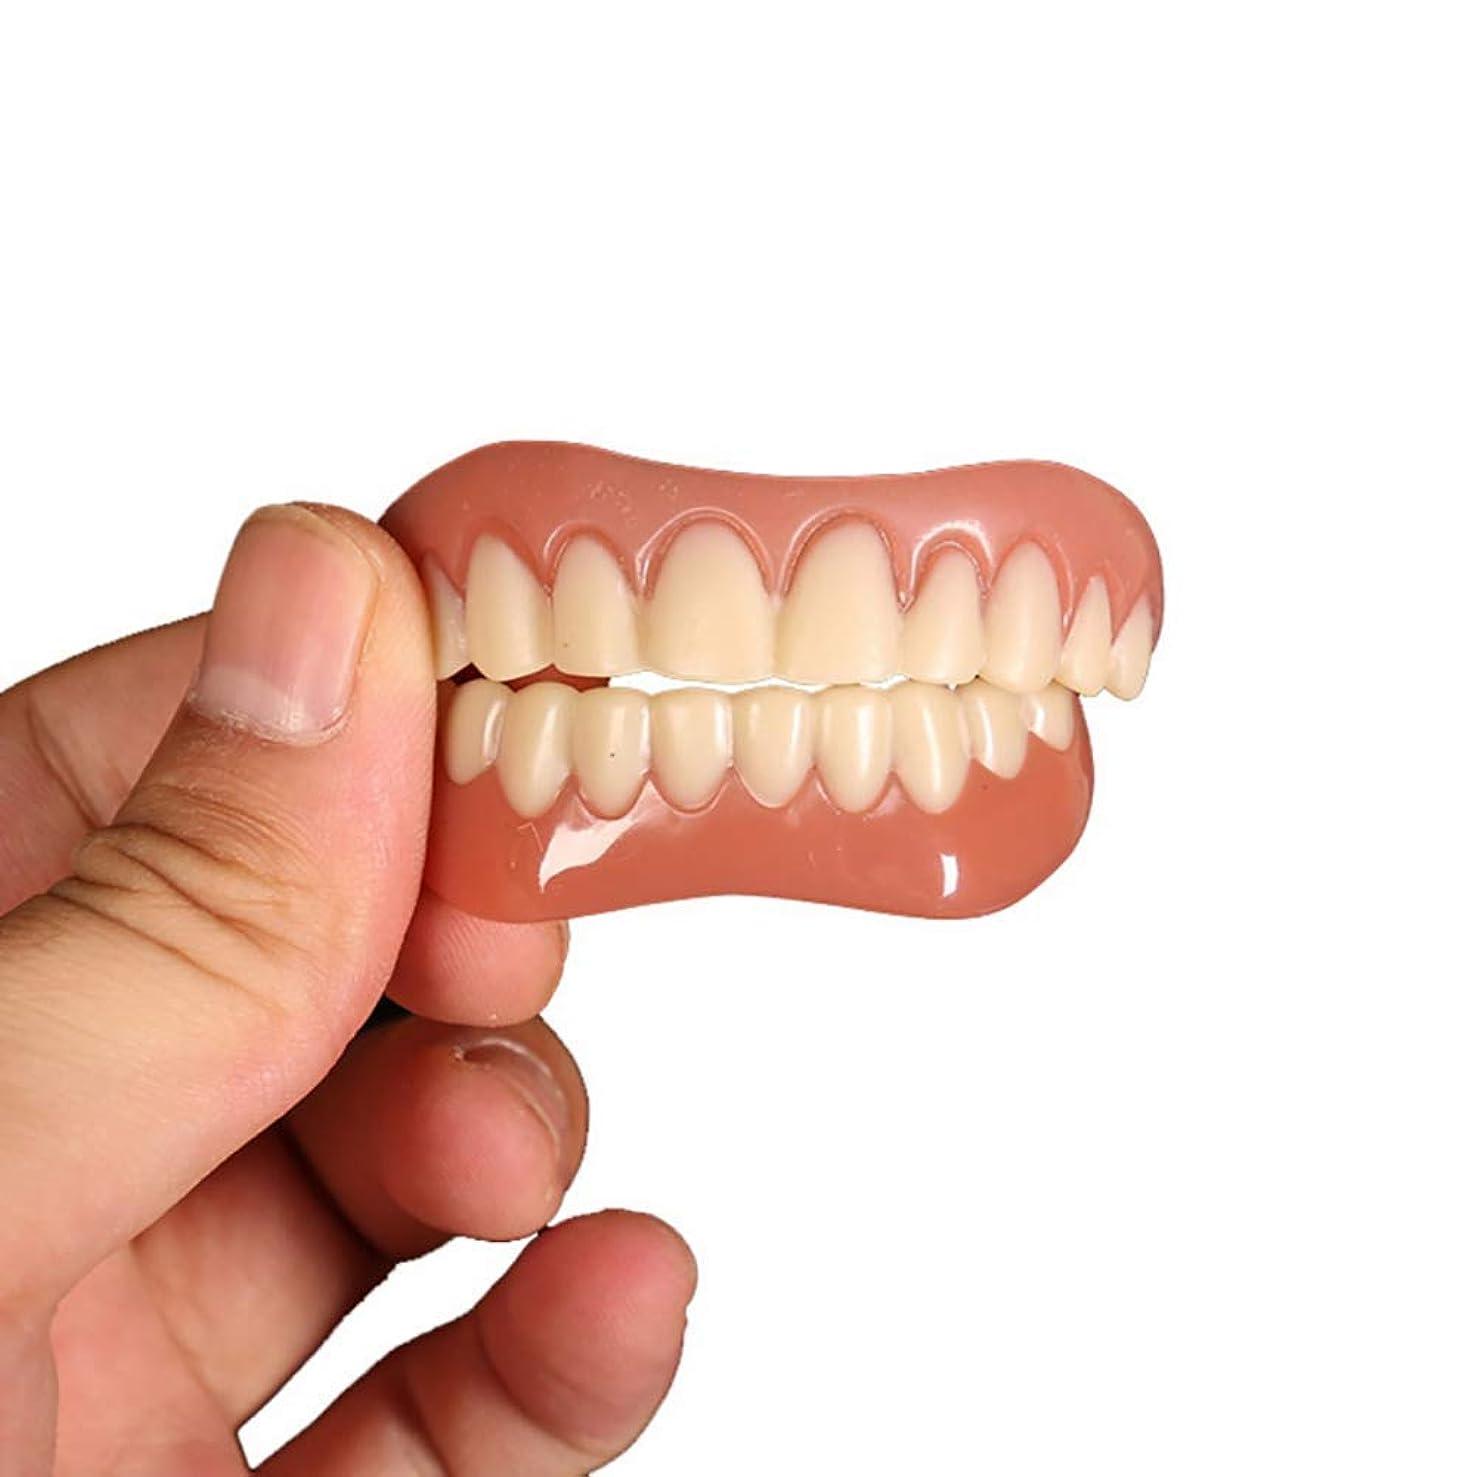 腐敗陸軍鬼ごっこ2対の歯の快適さフィットフレックス化粧品の歯義歯の歯のトップ化粧品のベニヤシミュレーションブレース(下+上)